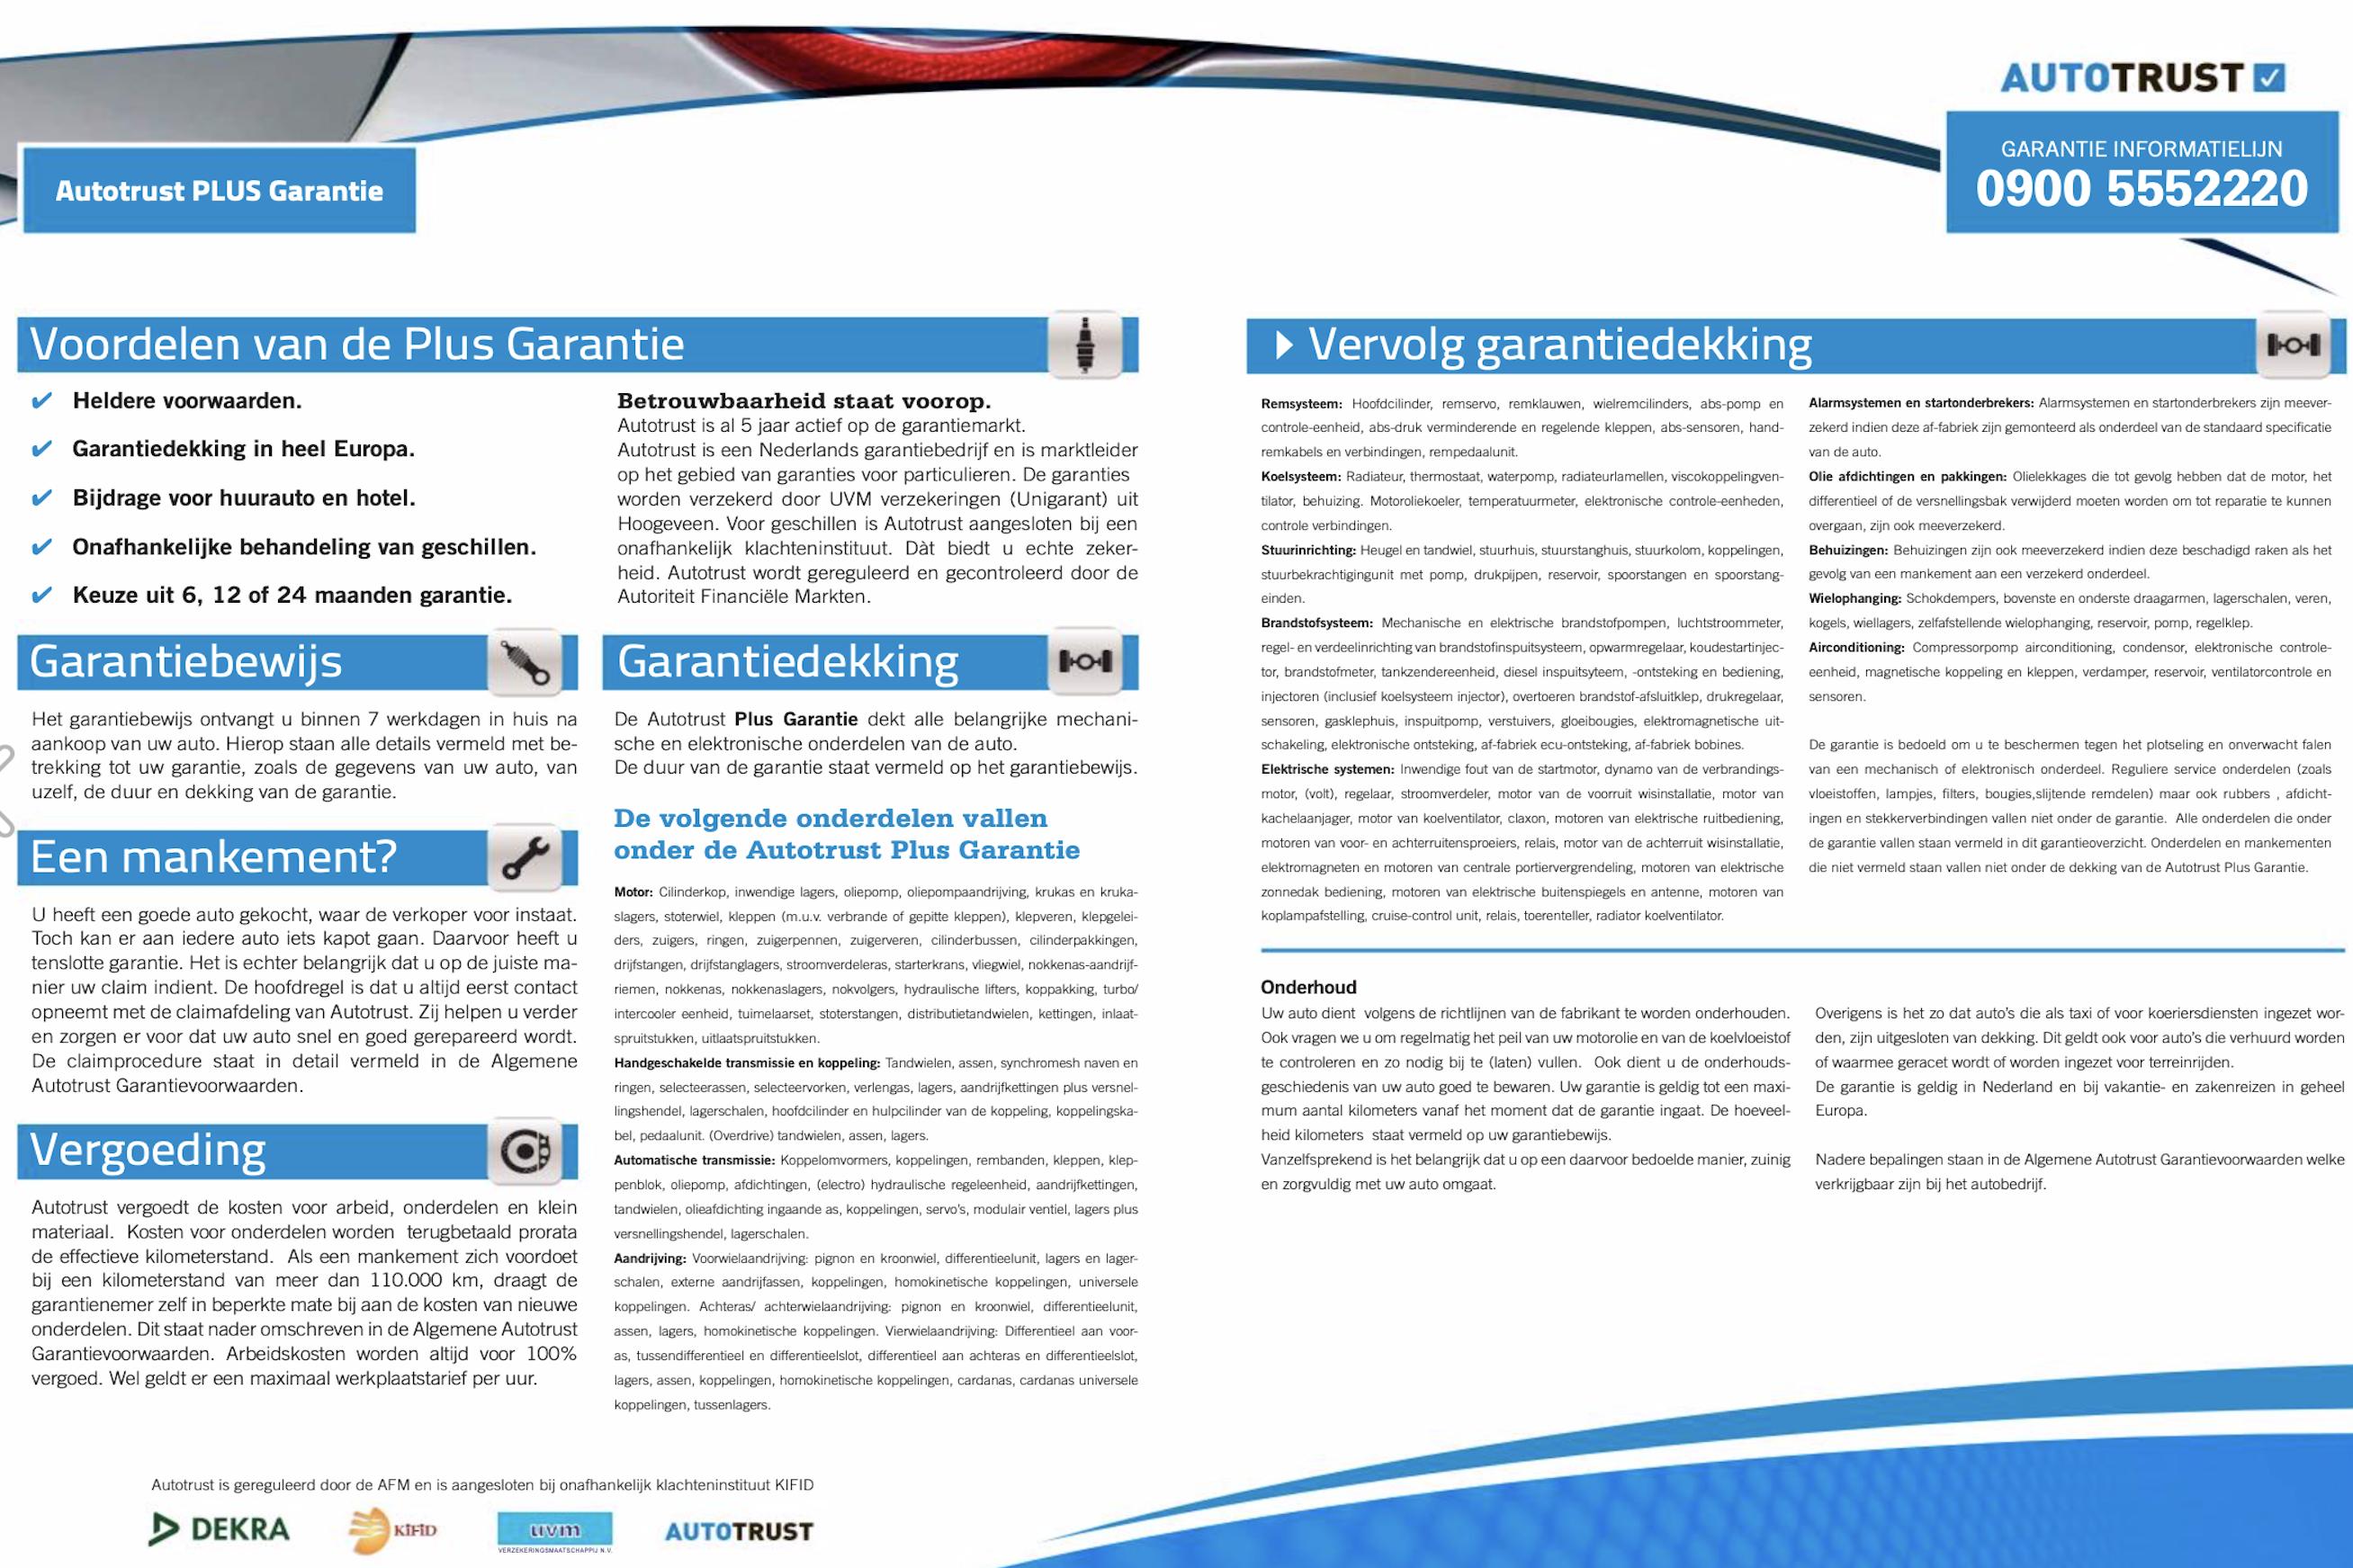 Autotrust Garantie Pluspakket-details